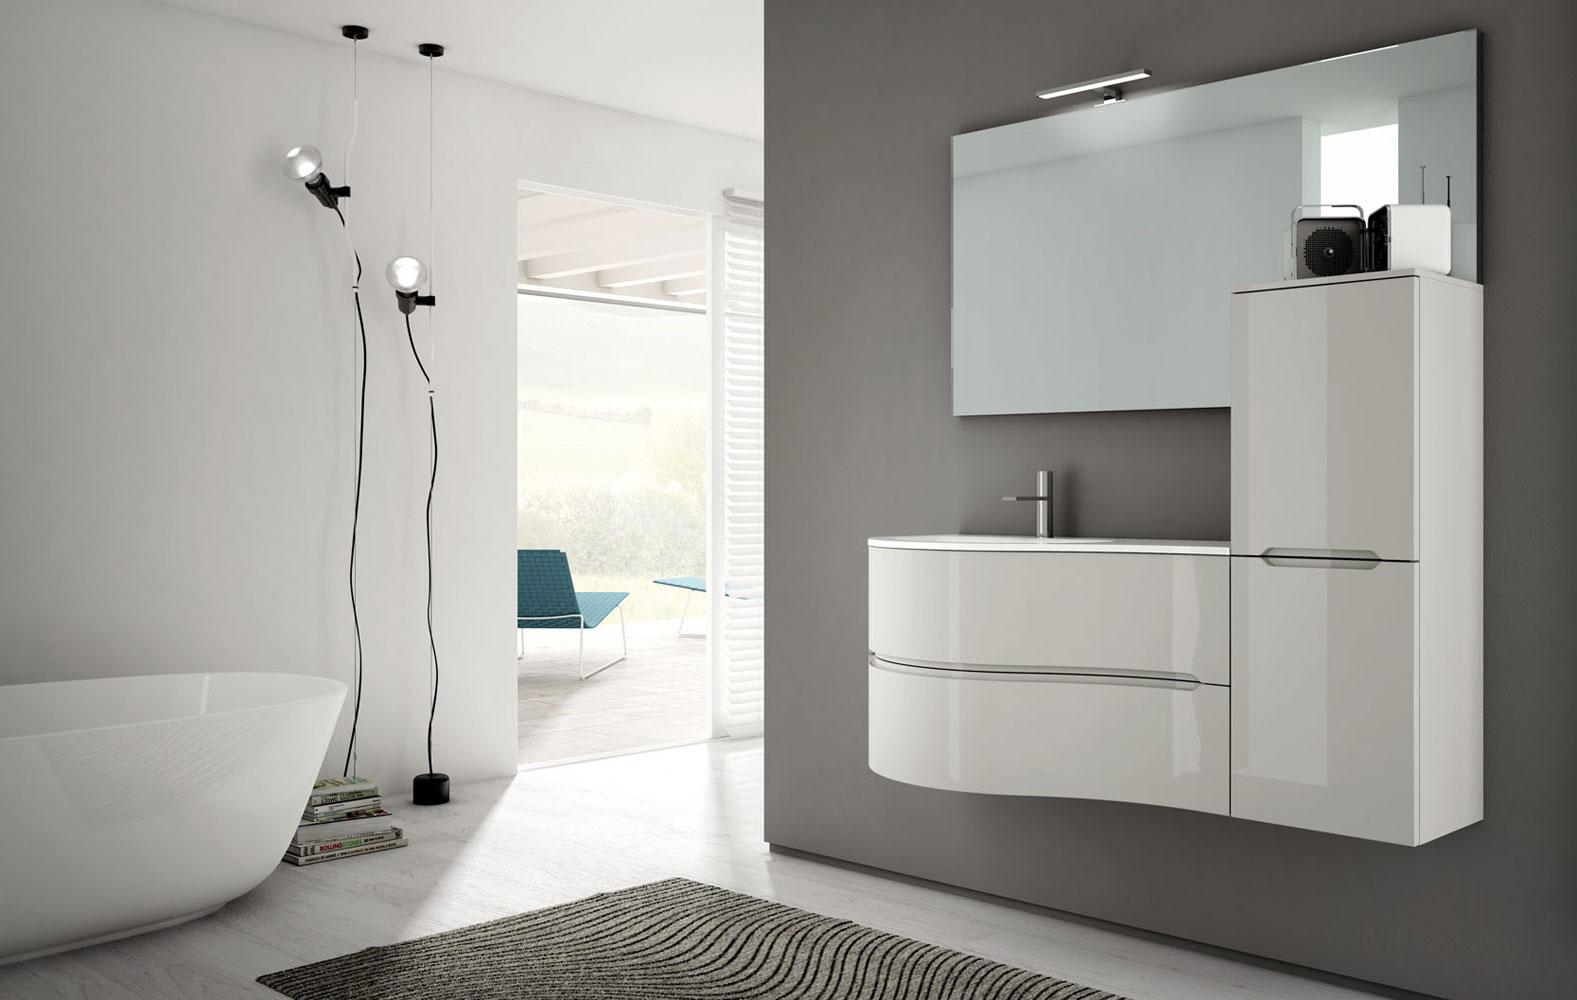 Smyle arredobagno per un bagno moderno e pratico  Ideagroup